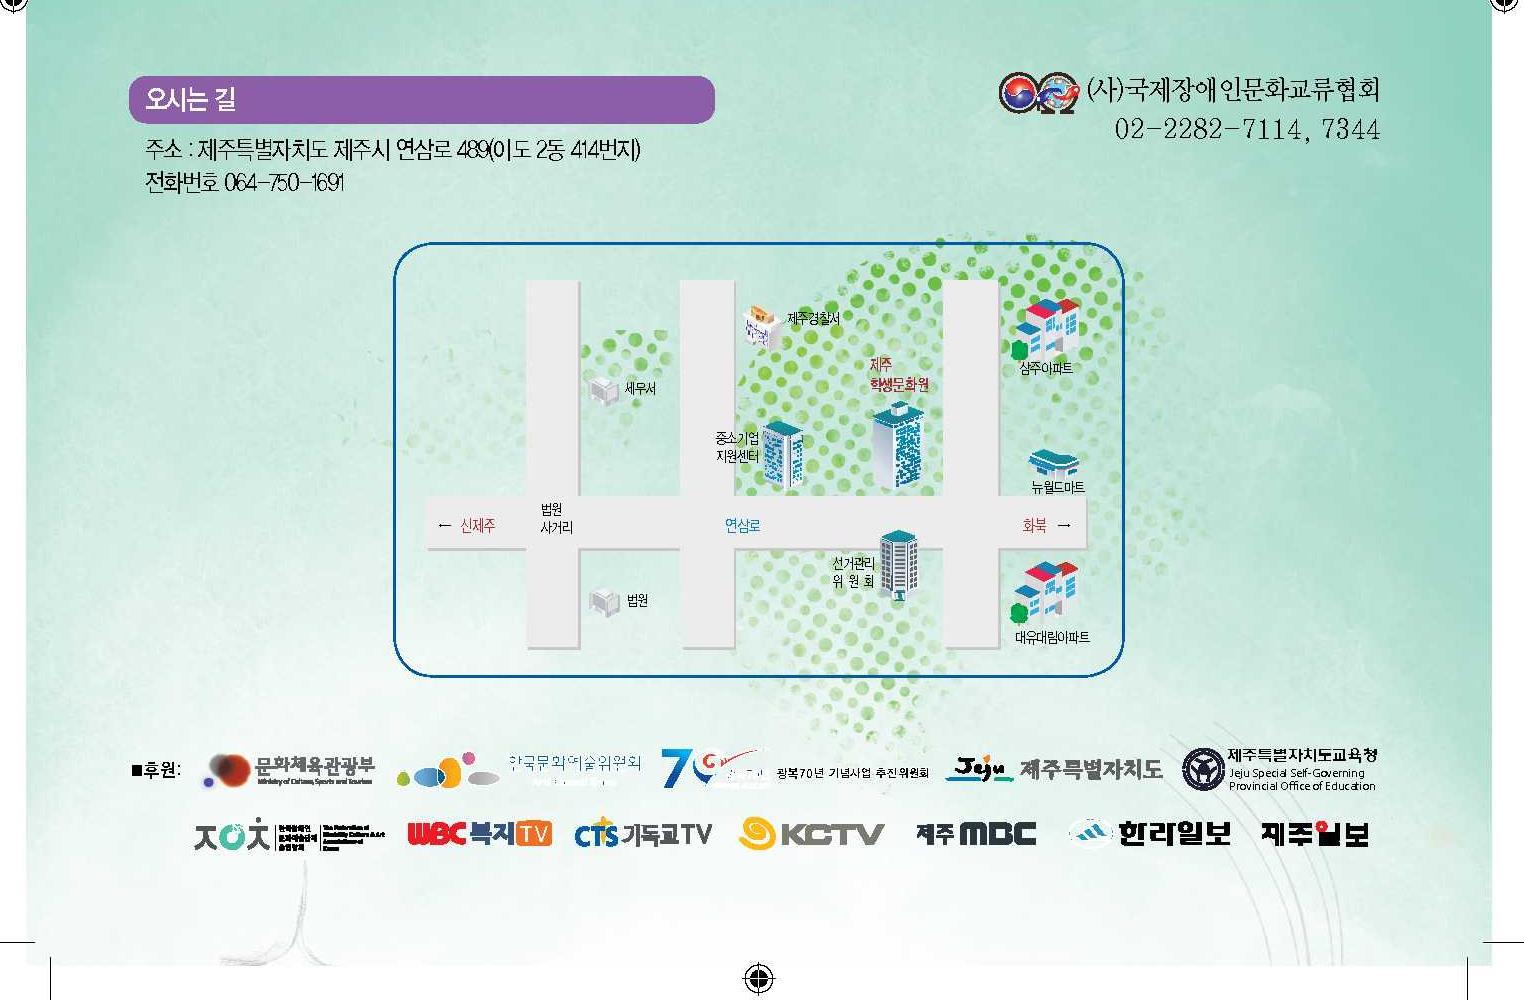 제주국제장애인문화EXPO 초청장4.jpg